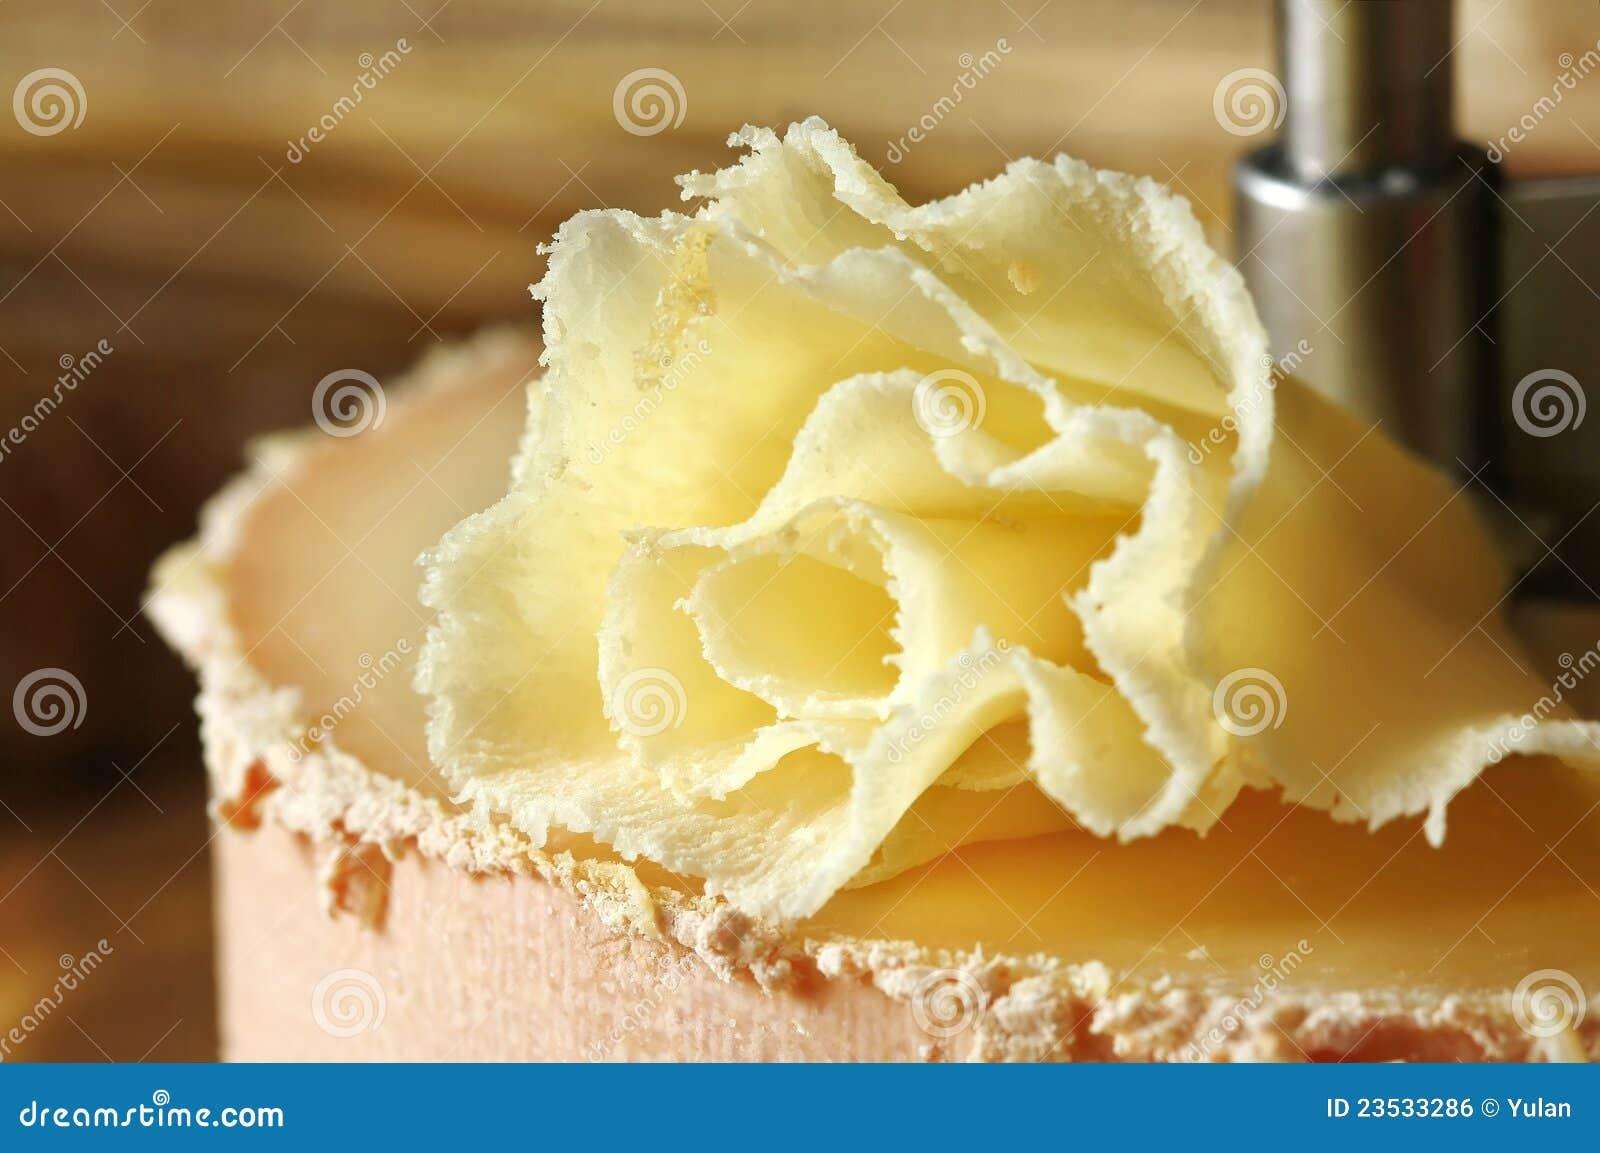 Especialidade do queijo suíço: Tete de Moine